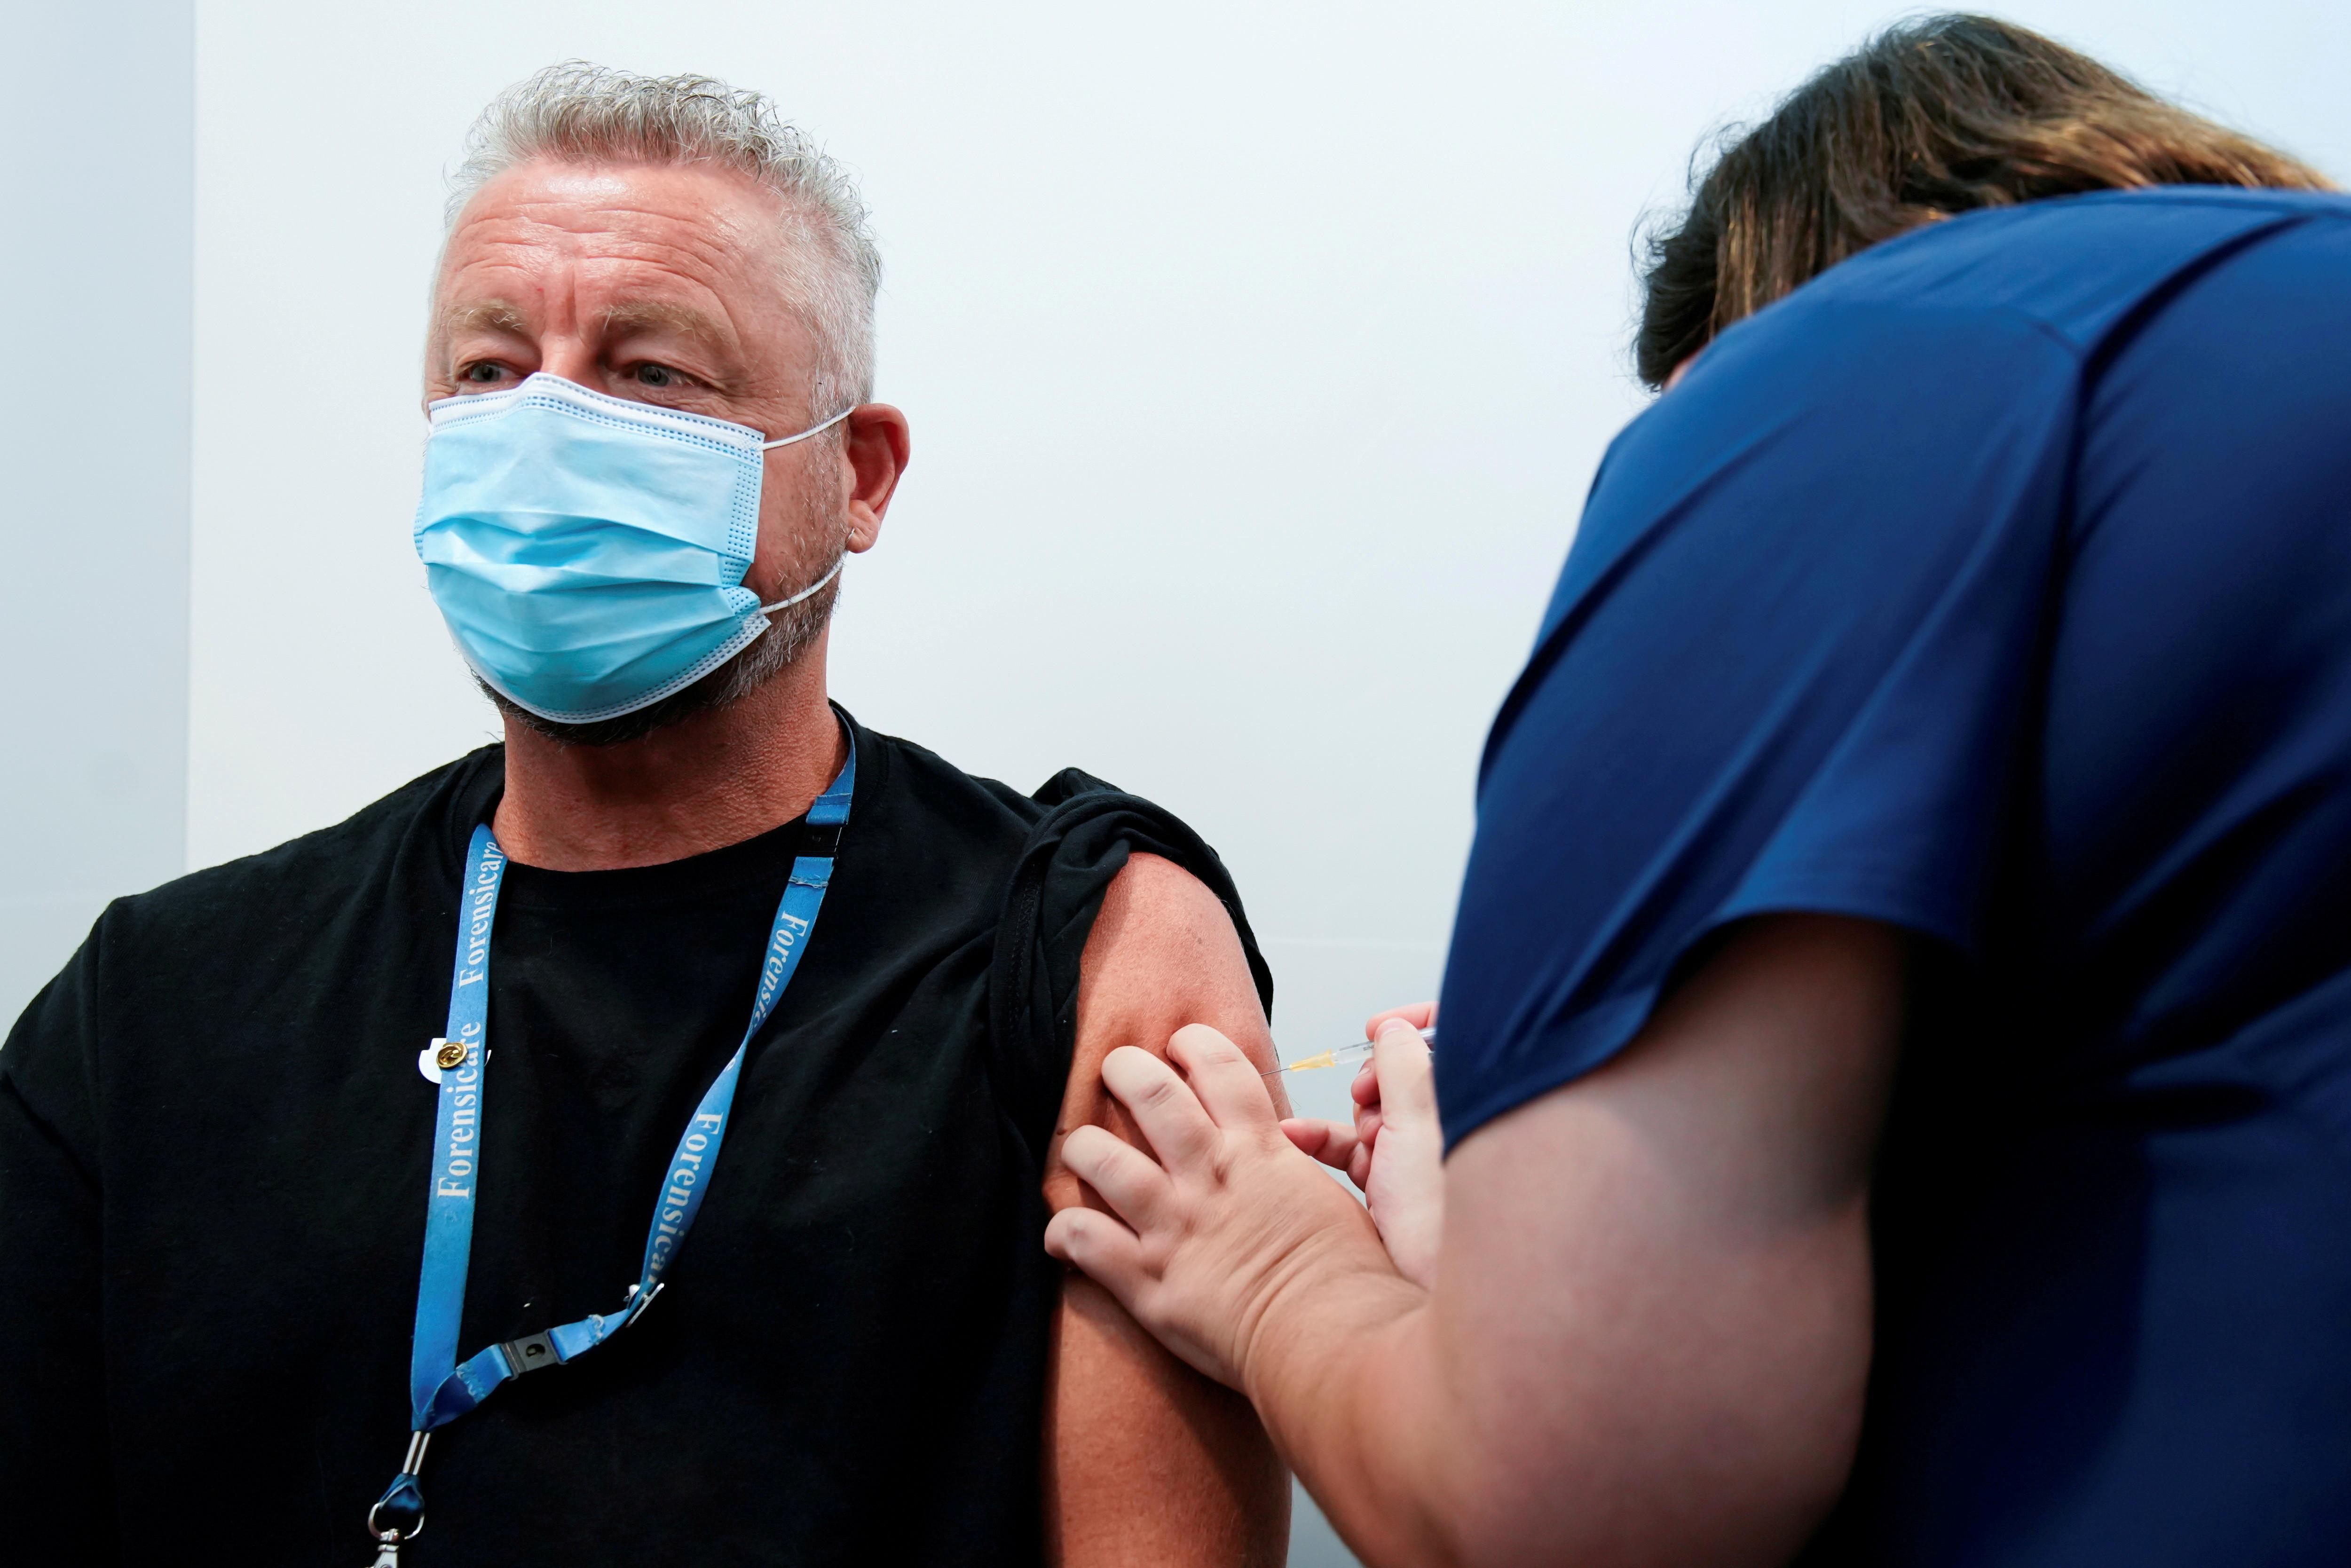 ▲▼澳大利亞墨爾本的醫護人員,正為高風險職業人士接種輝瑞疫苗。(圖/路透社)